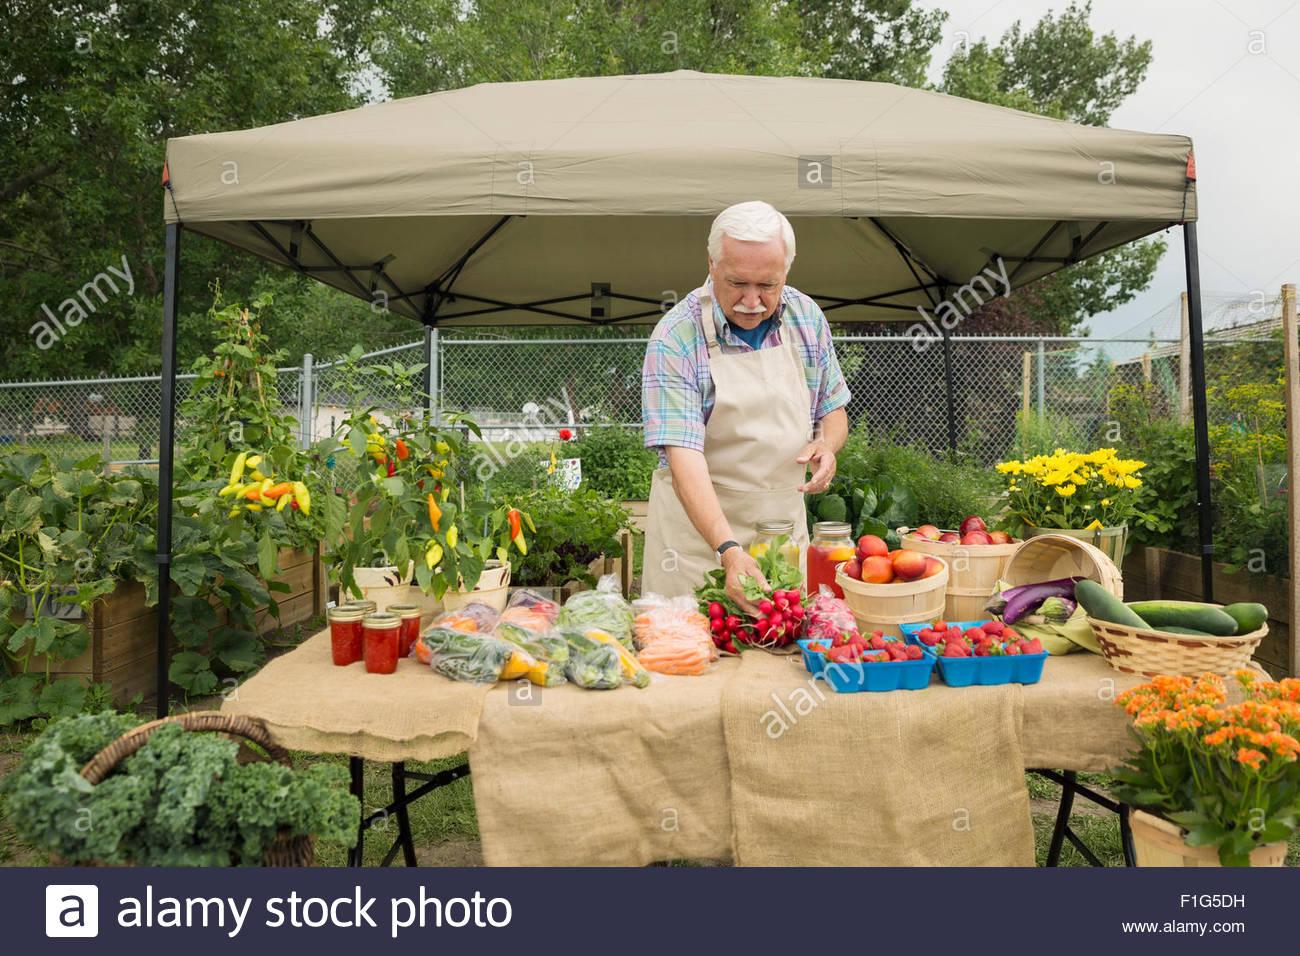 Senior farmer arranging fresh vegetables farmers market stall - Stock Image